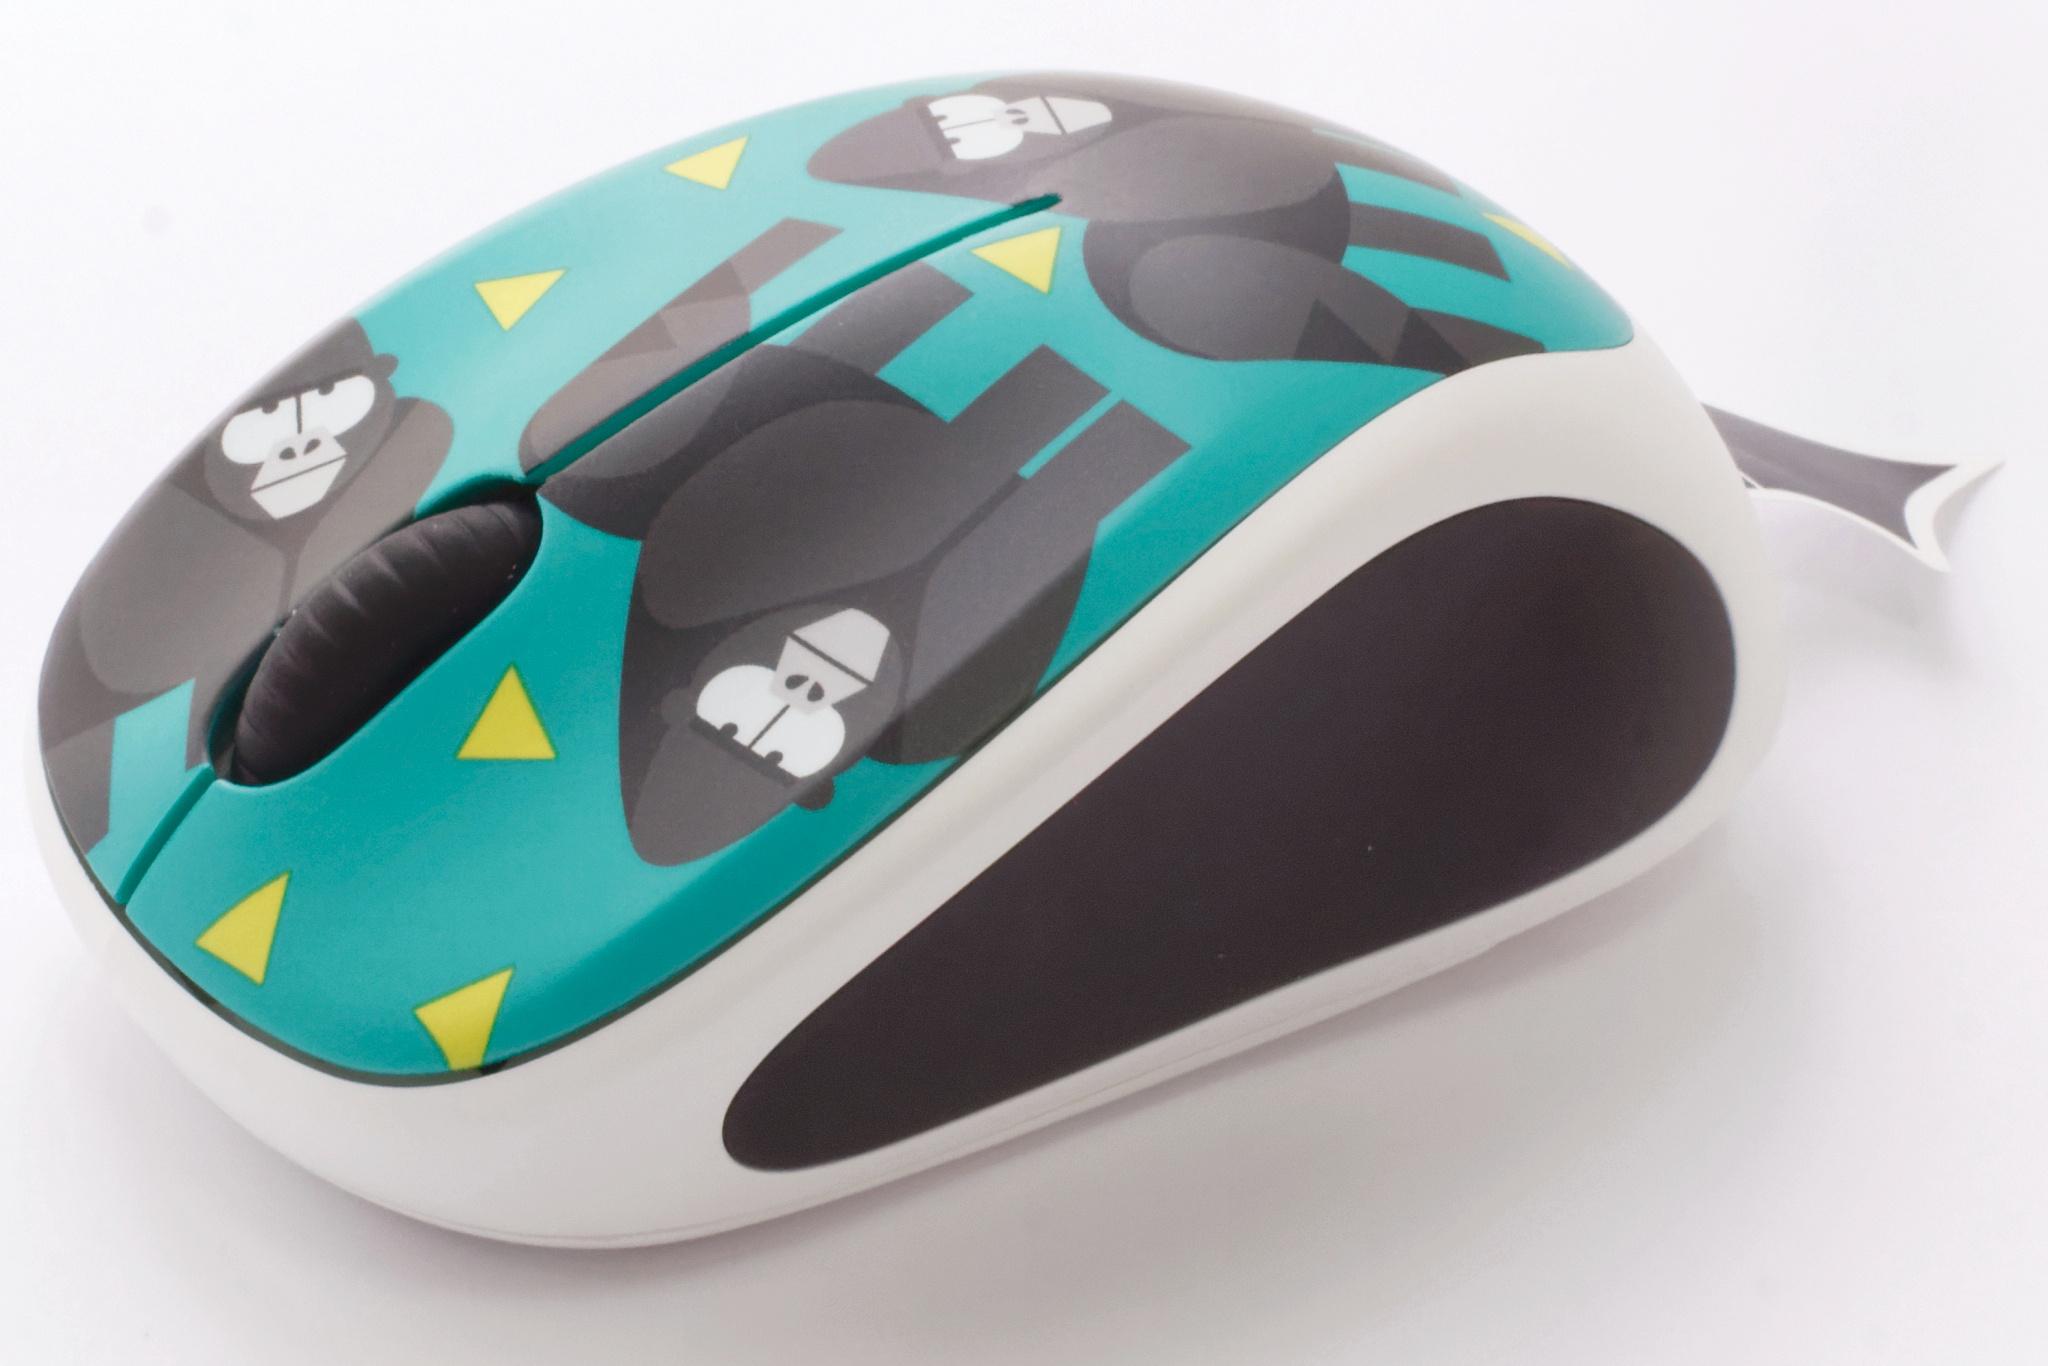 Jual Murah Mouse Logitech Wireless M238 Terbaru 2018 Toner Bubuk Fuji Xerox P115wp115bm115wm115fm115fw Diamond 500 Gram Gorilla 910 004715 3